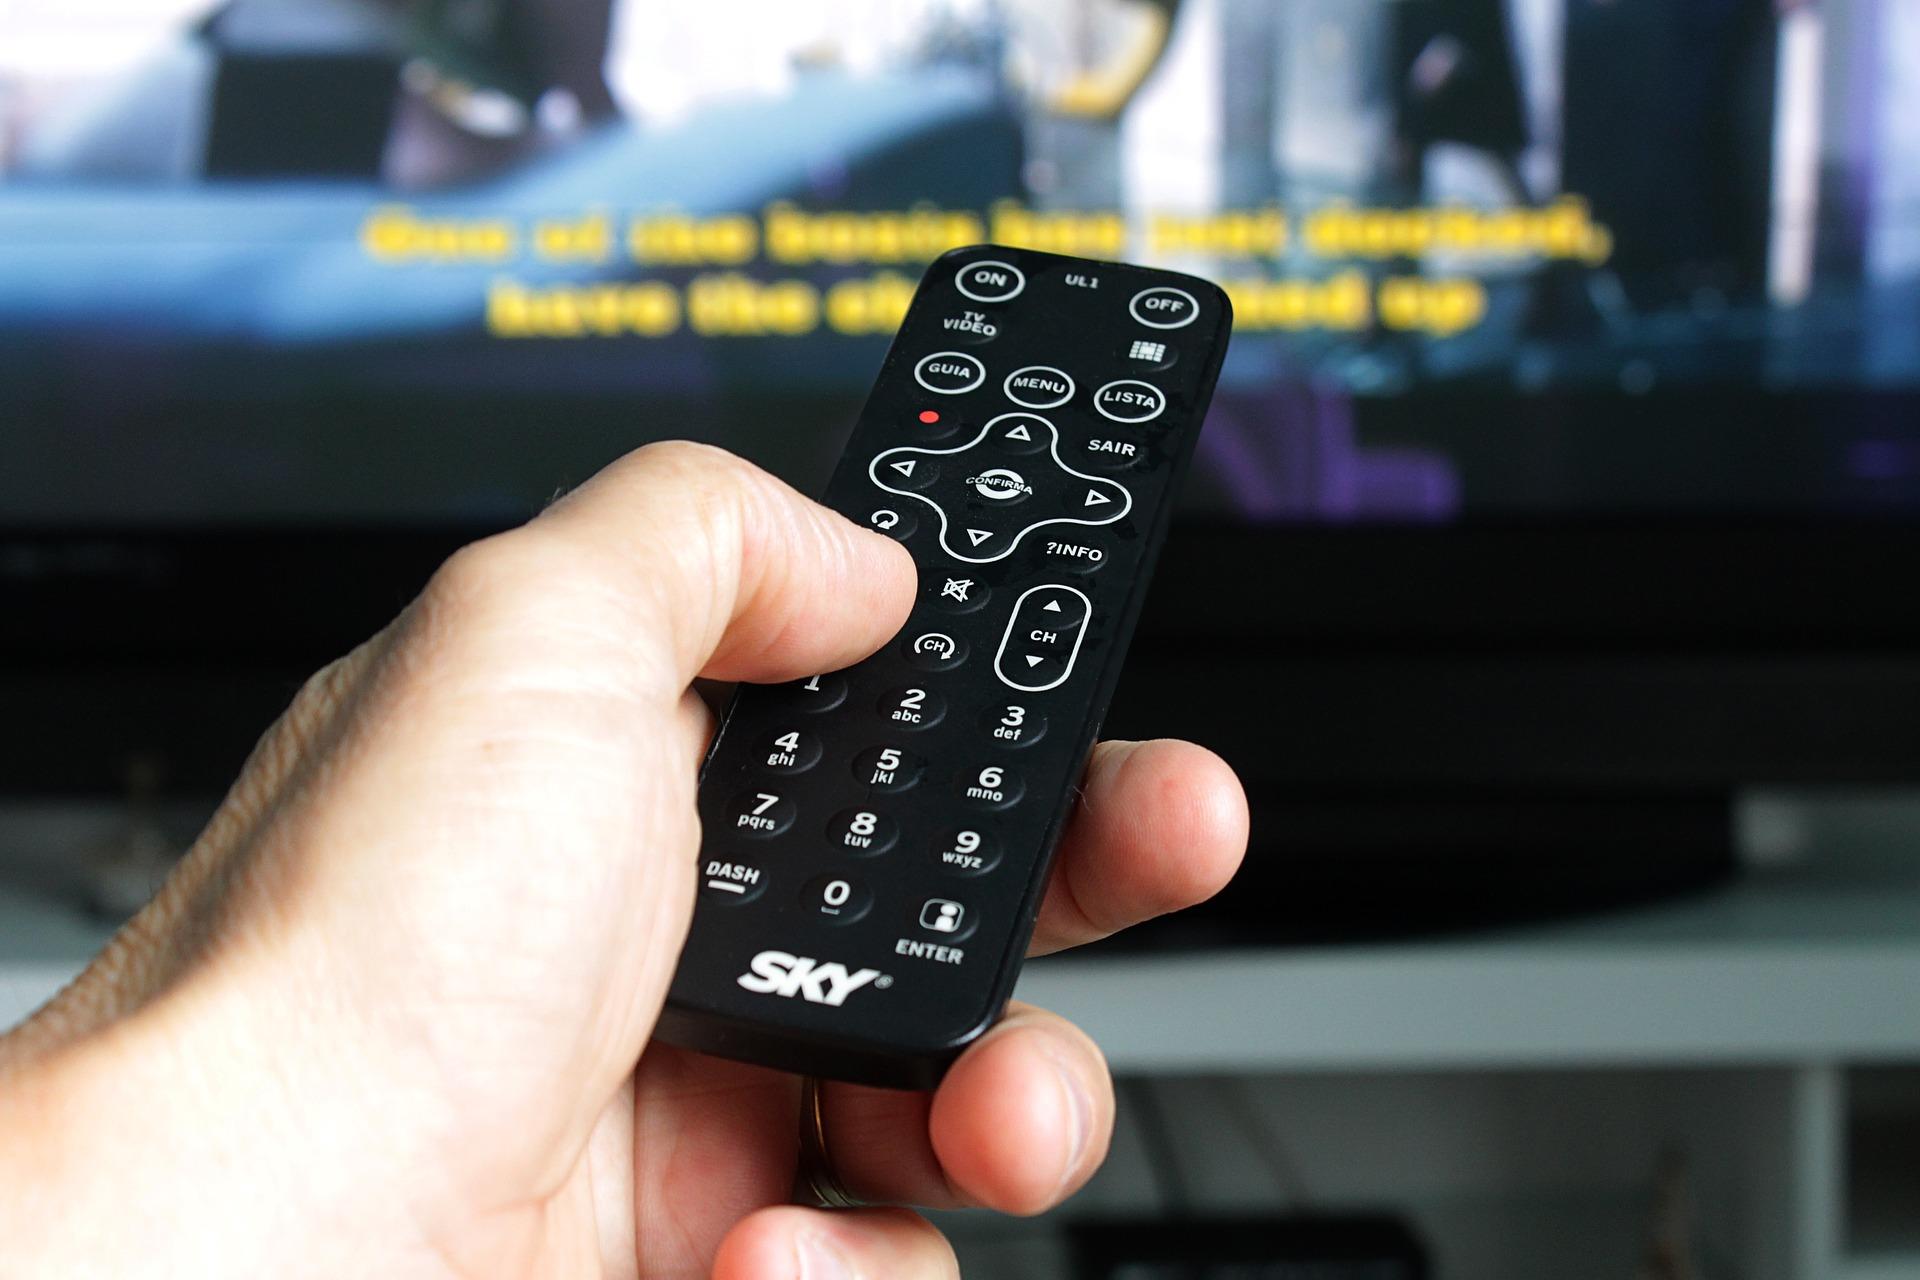 😤 Провайдеры кабельного телевидения продолжают занижать свои абонентские базы